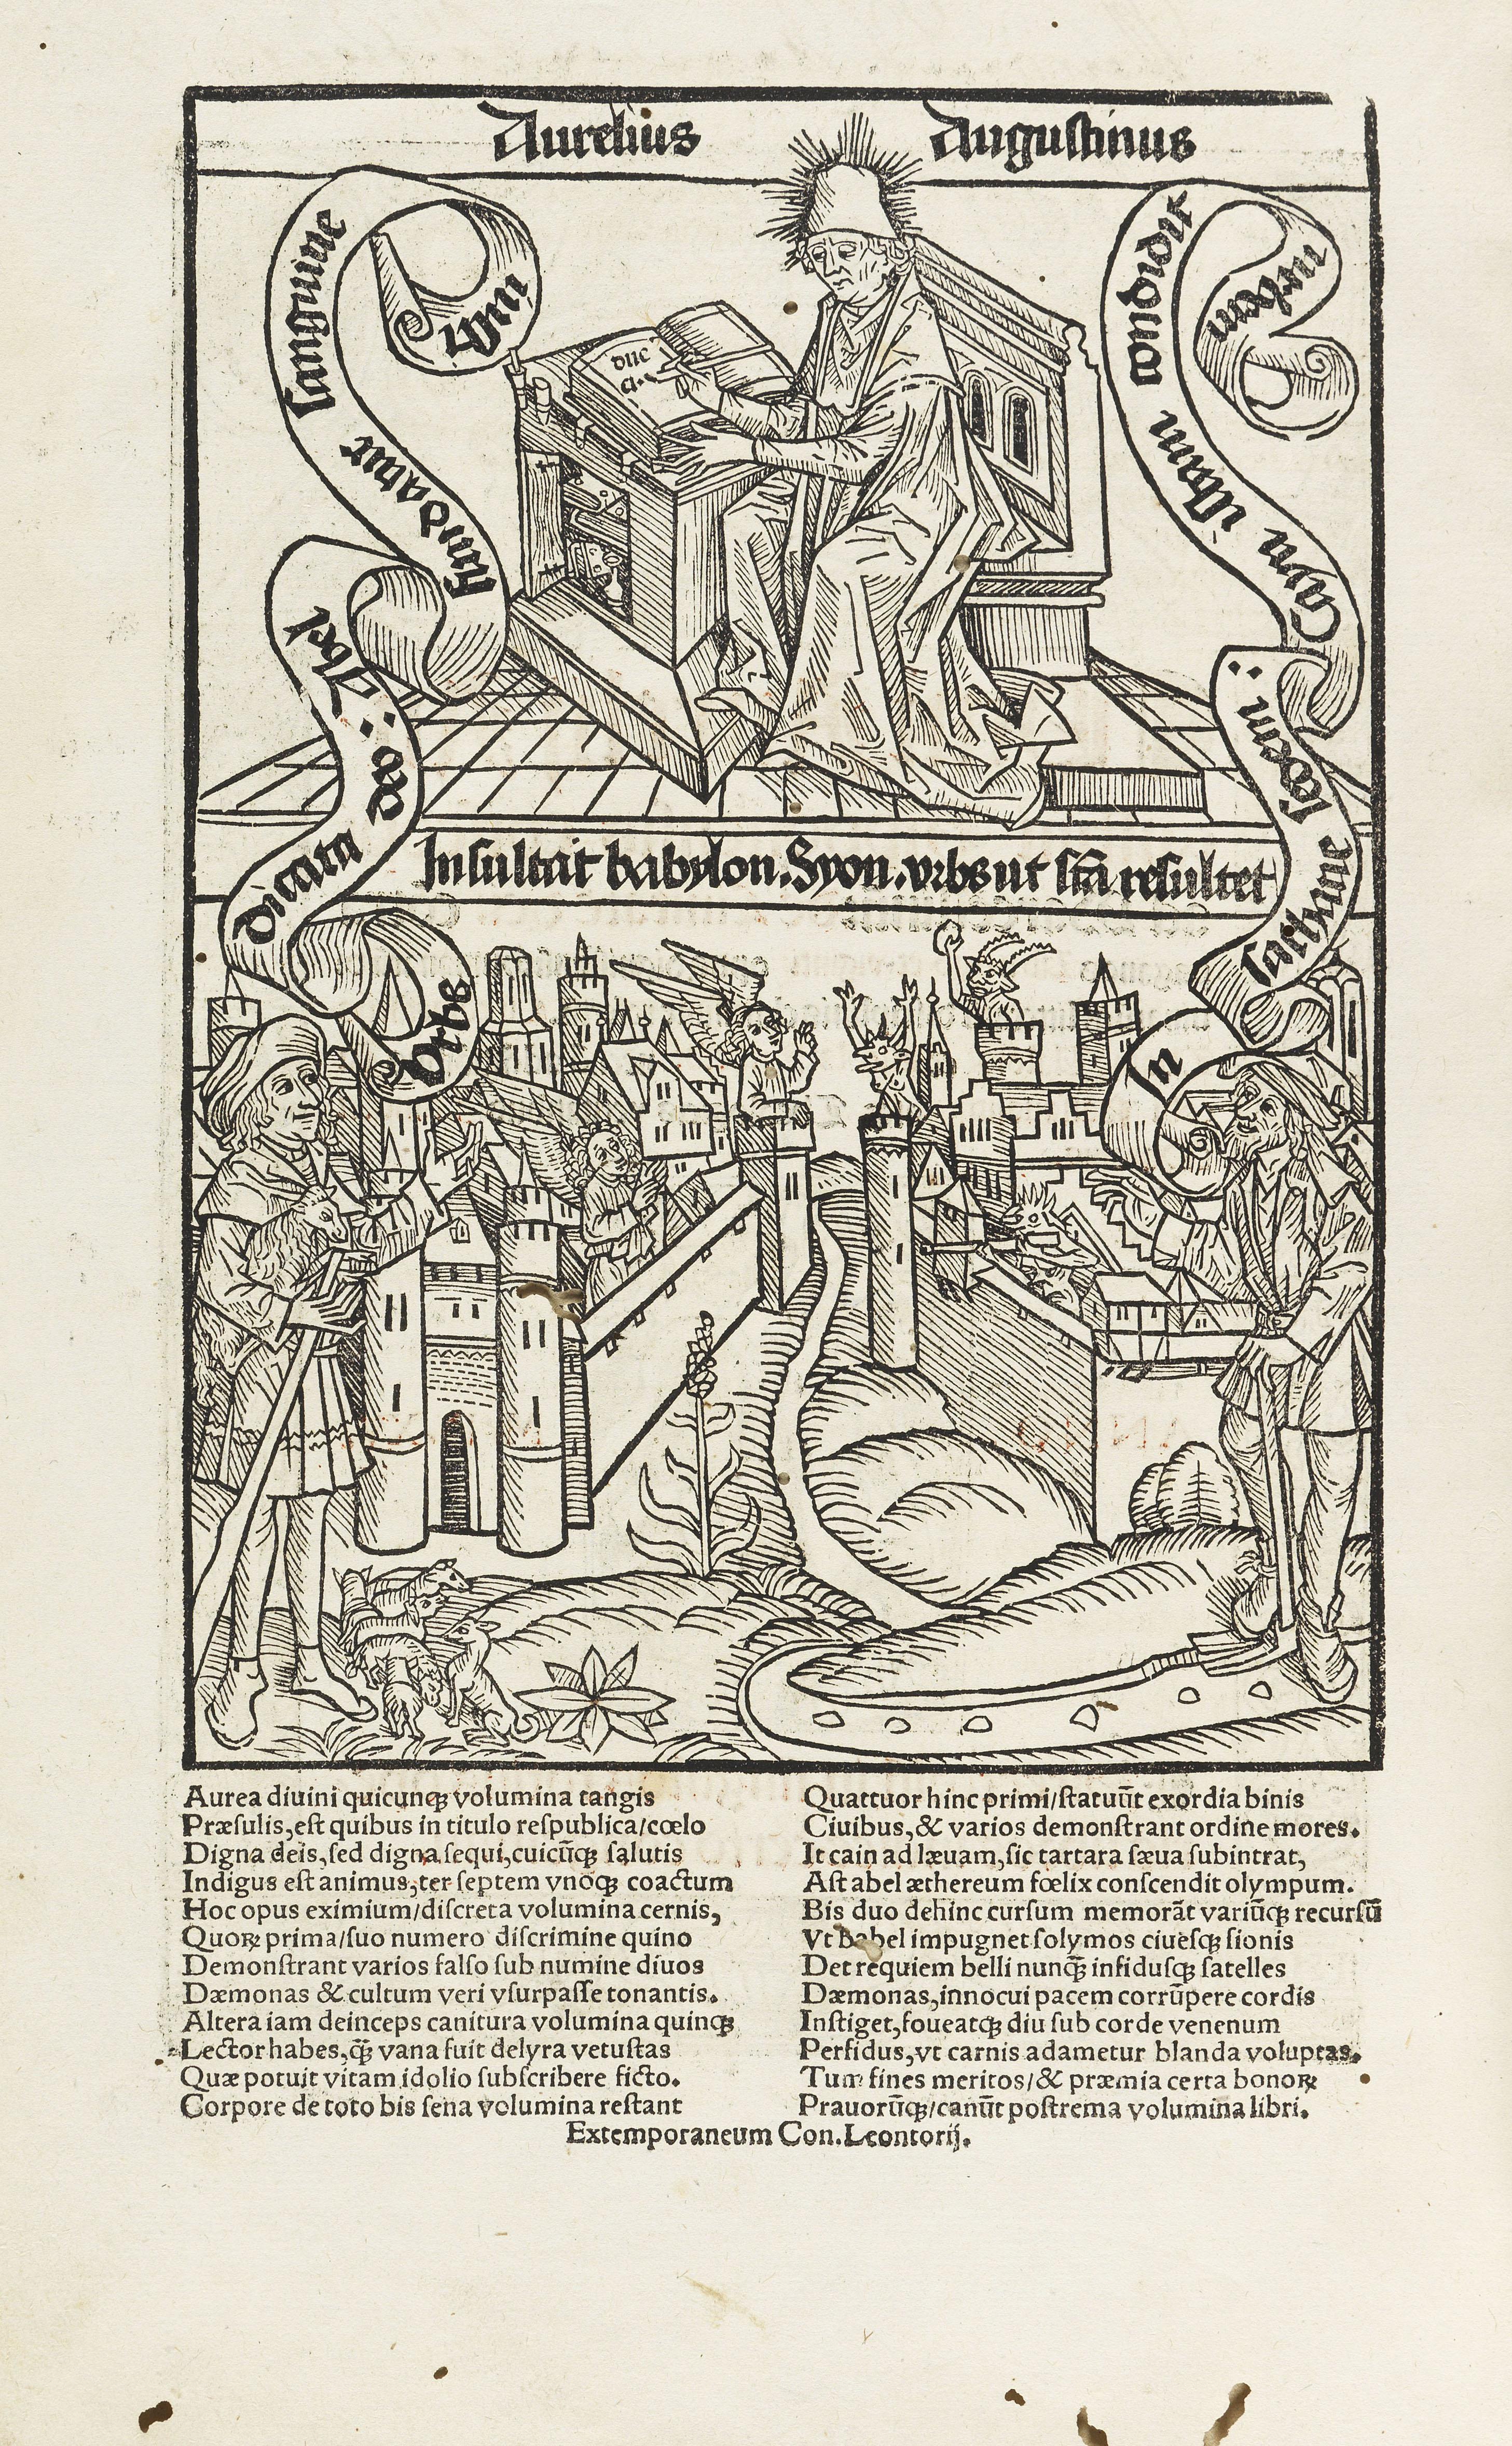 Augustinus: De civitate dei, 1515